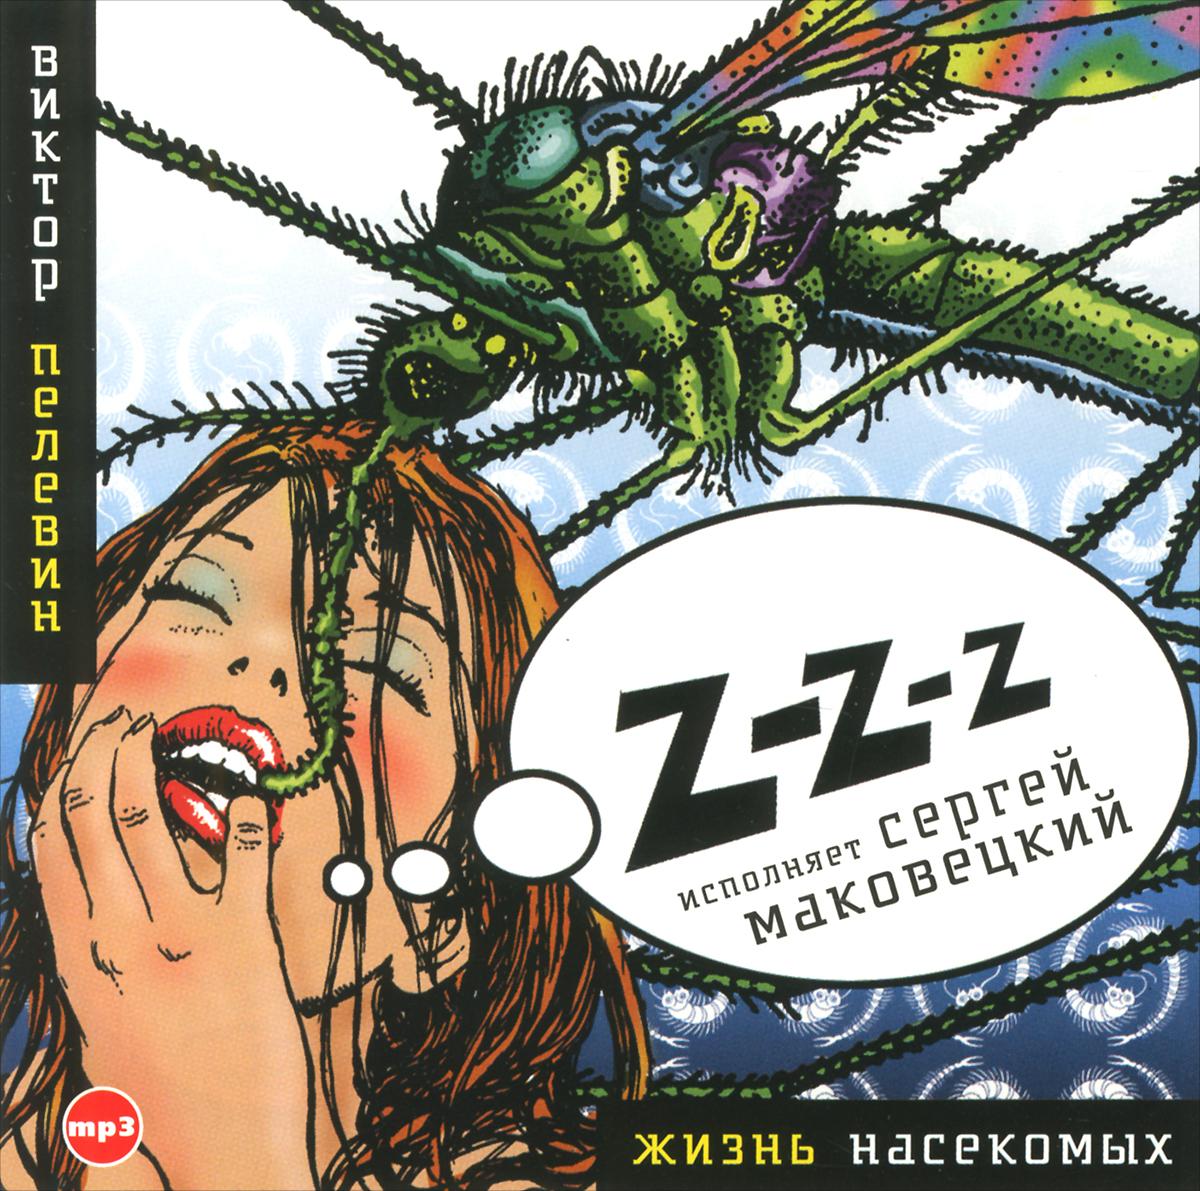 Жизнь насекомых (аудиокнига mp3)